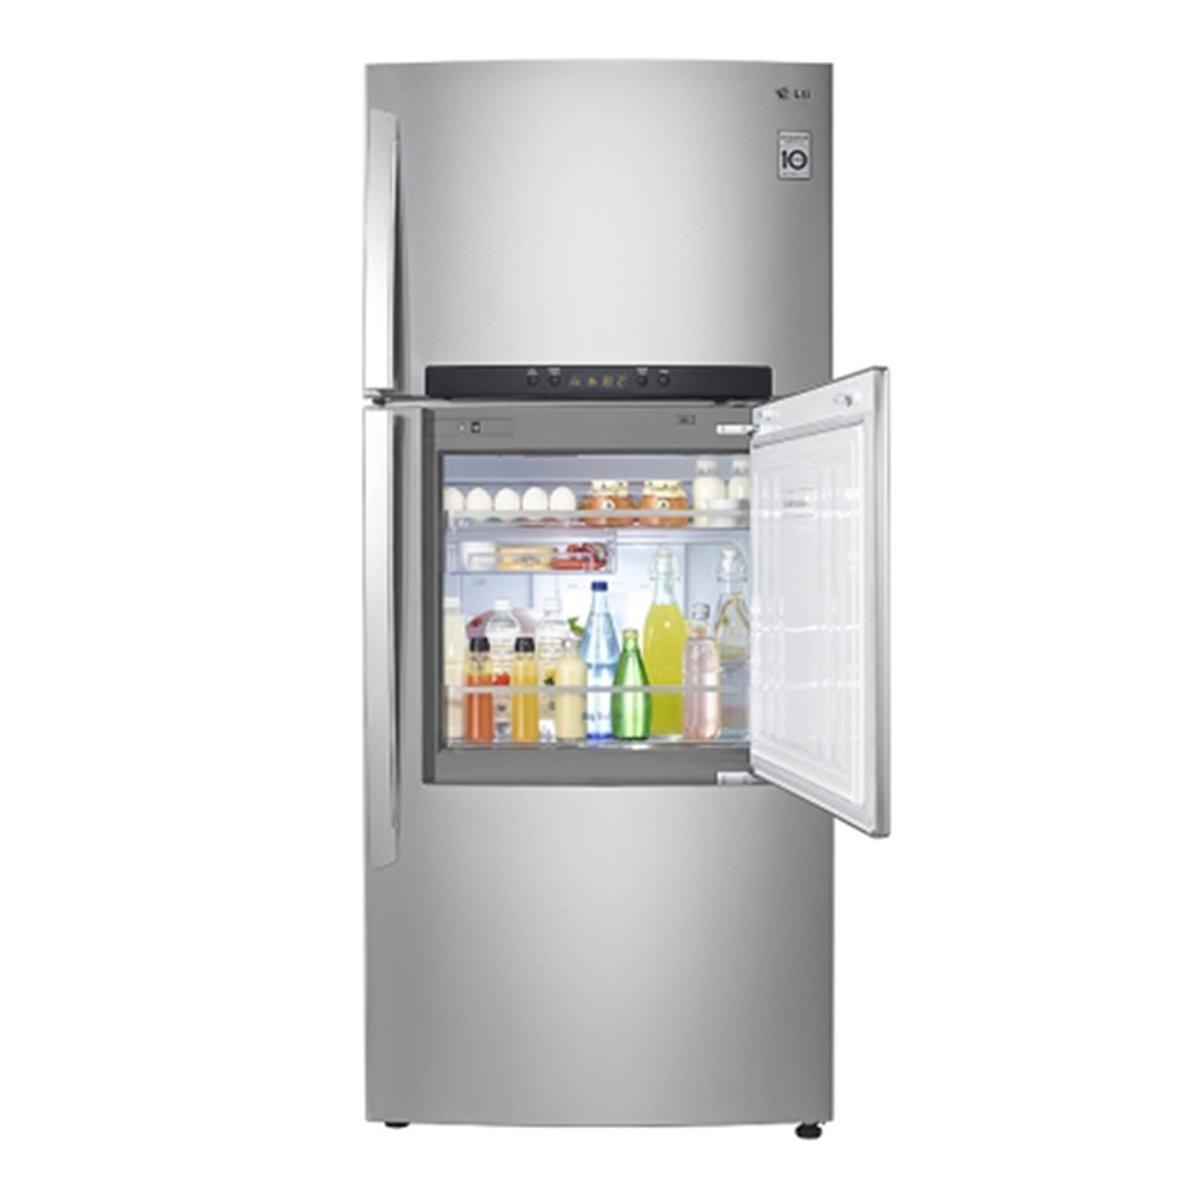 Lg inverter double door refrigerator m4111